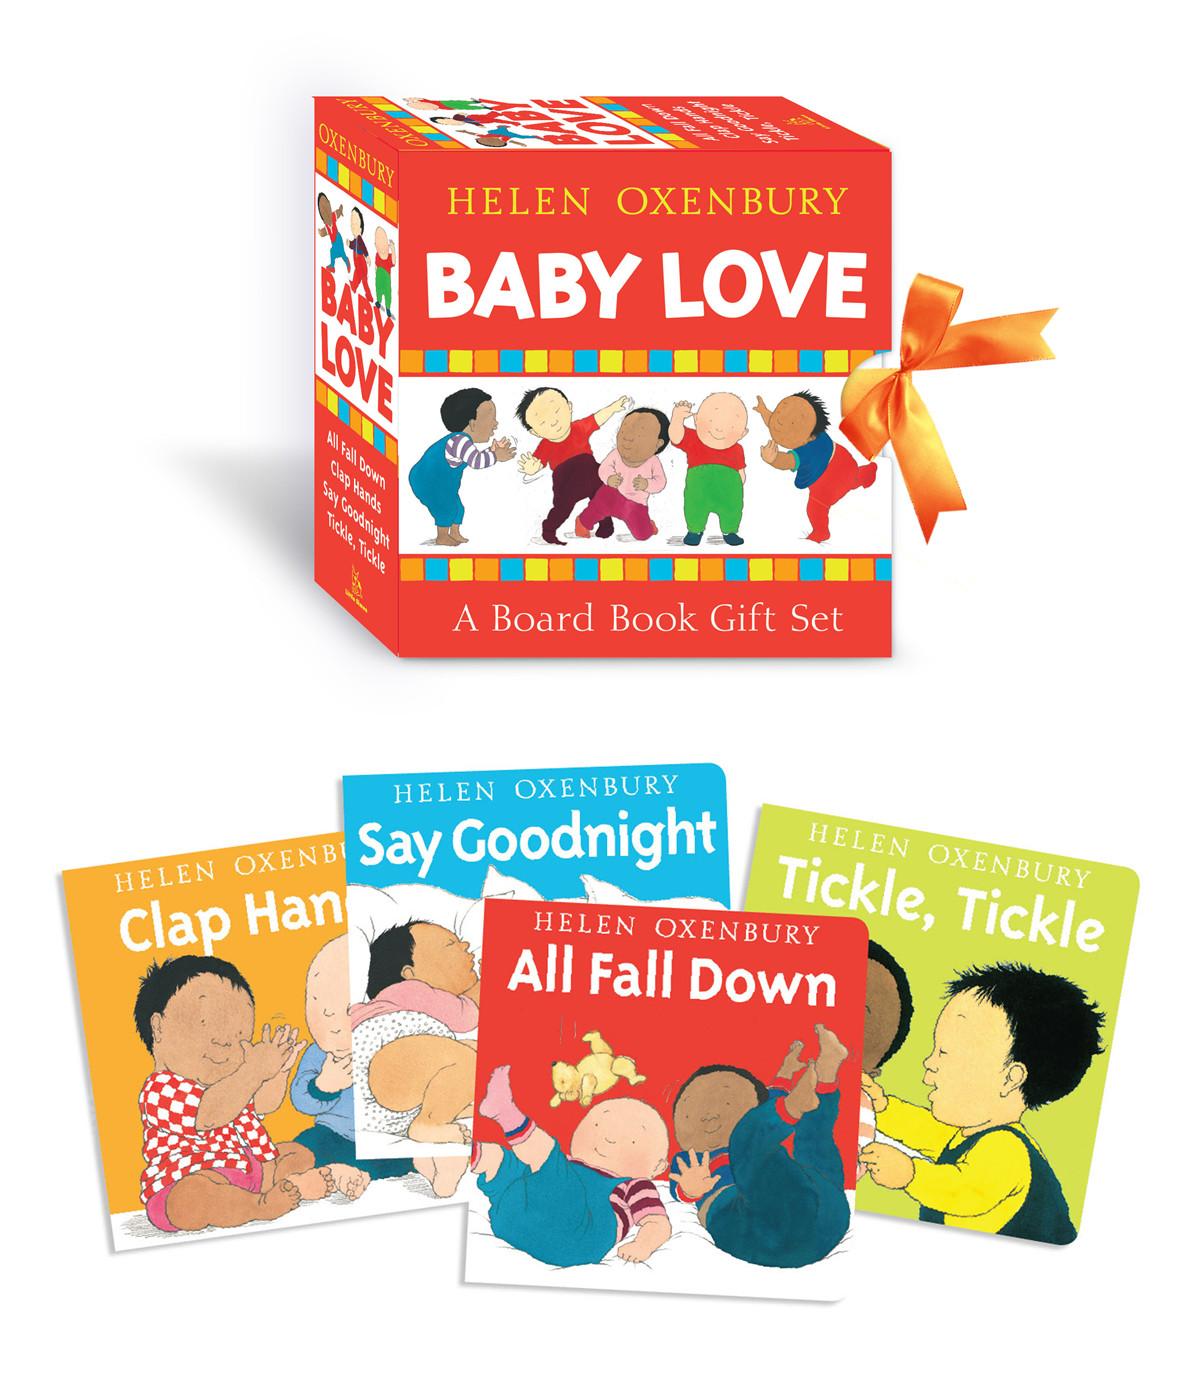 Baby love 9781416995463.in01